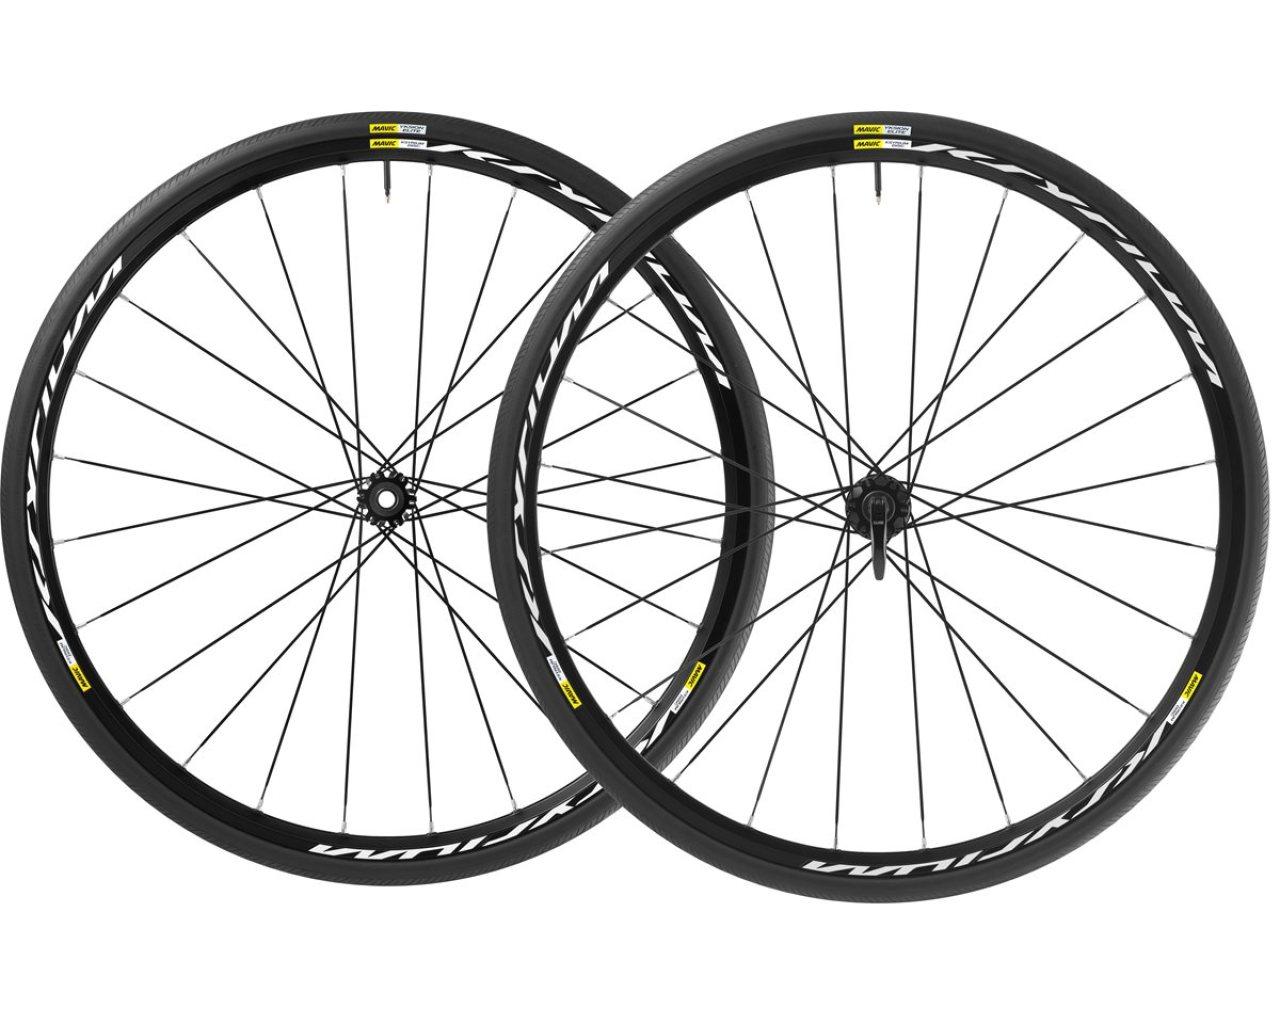 2016 Mavic Ksyrium Disc Wheelset